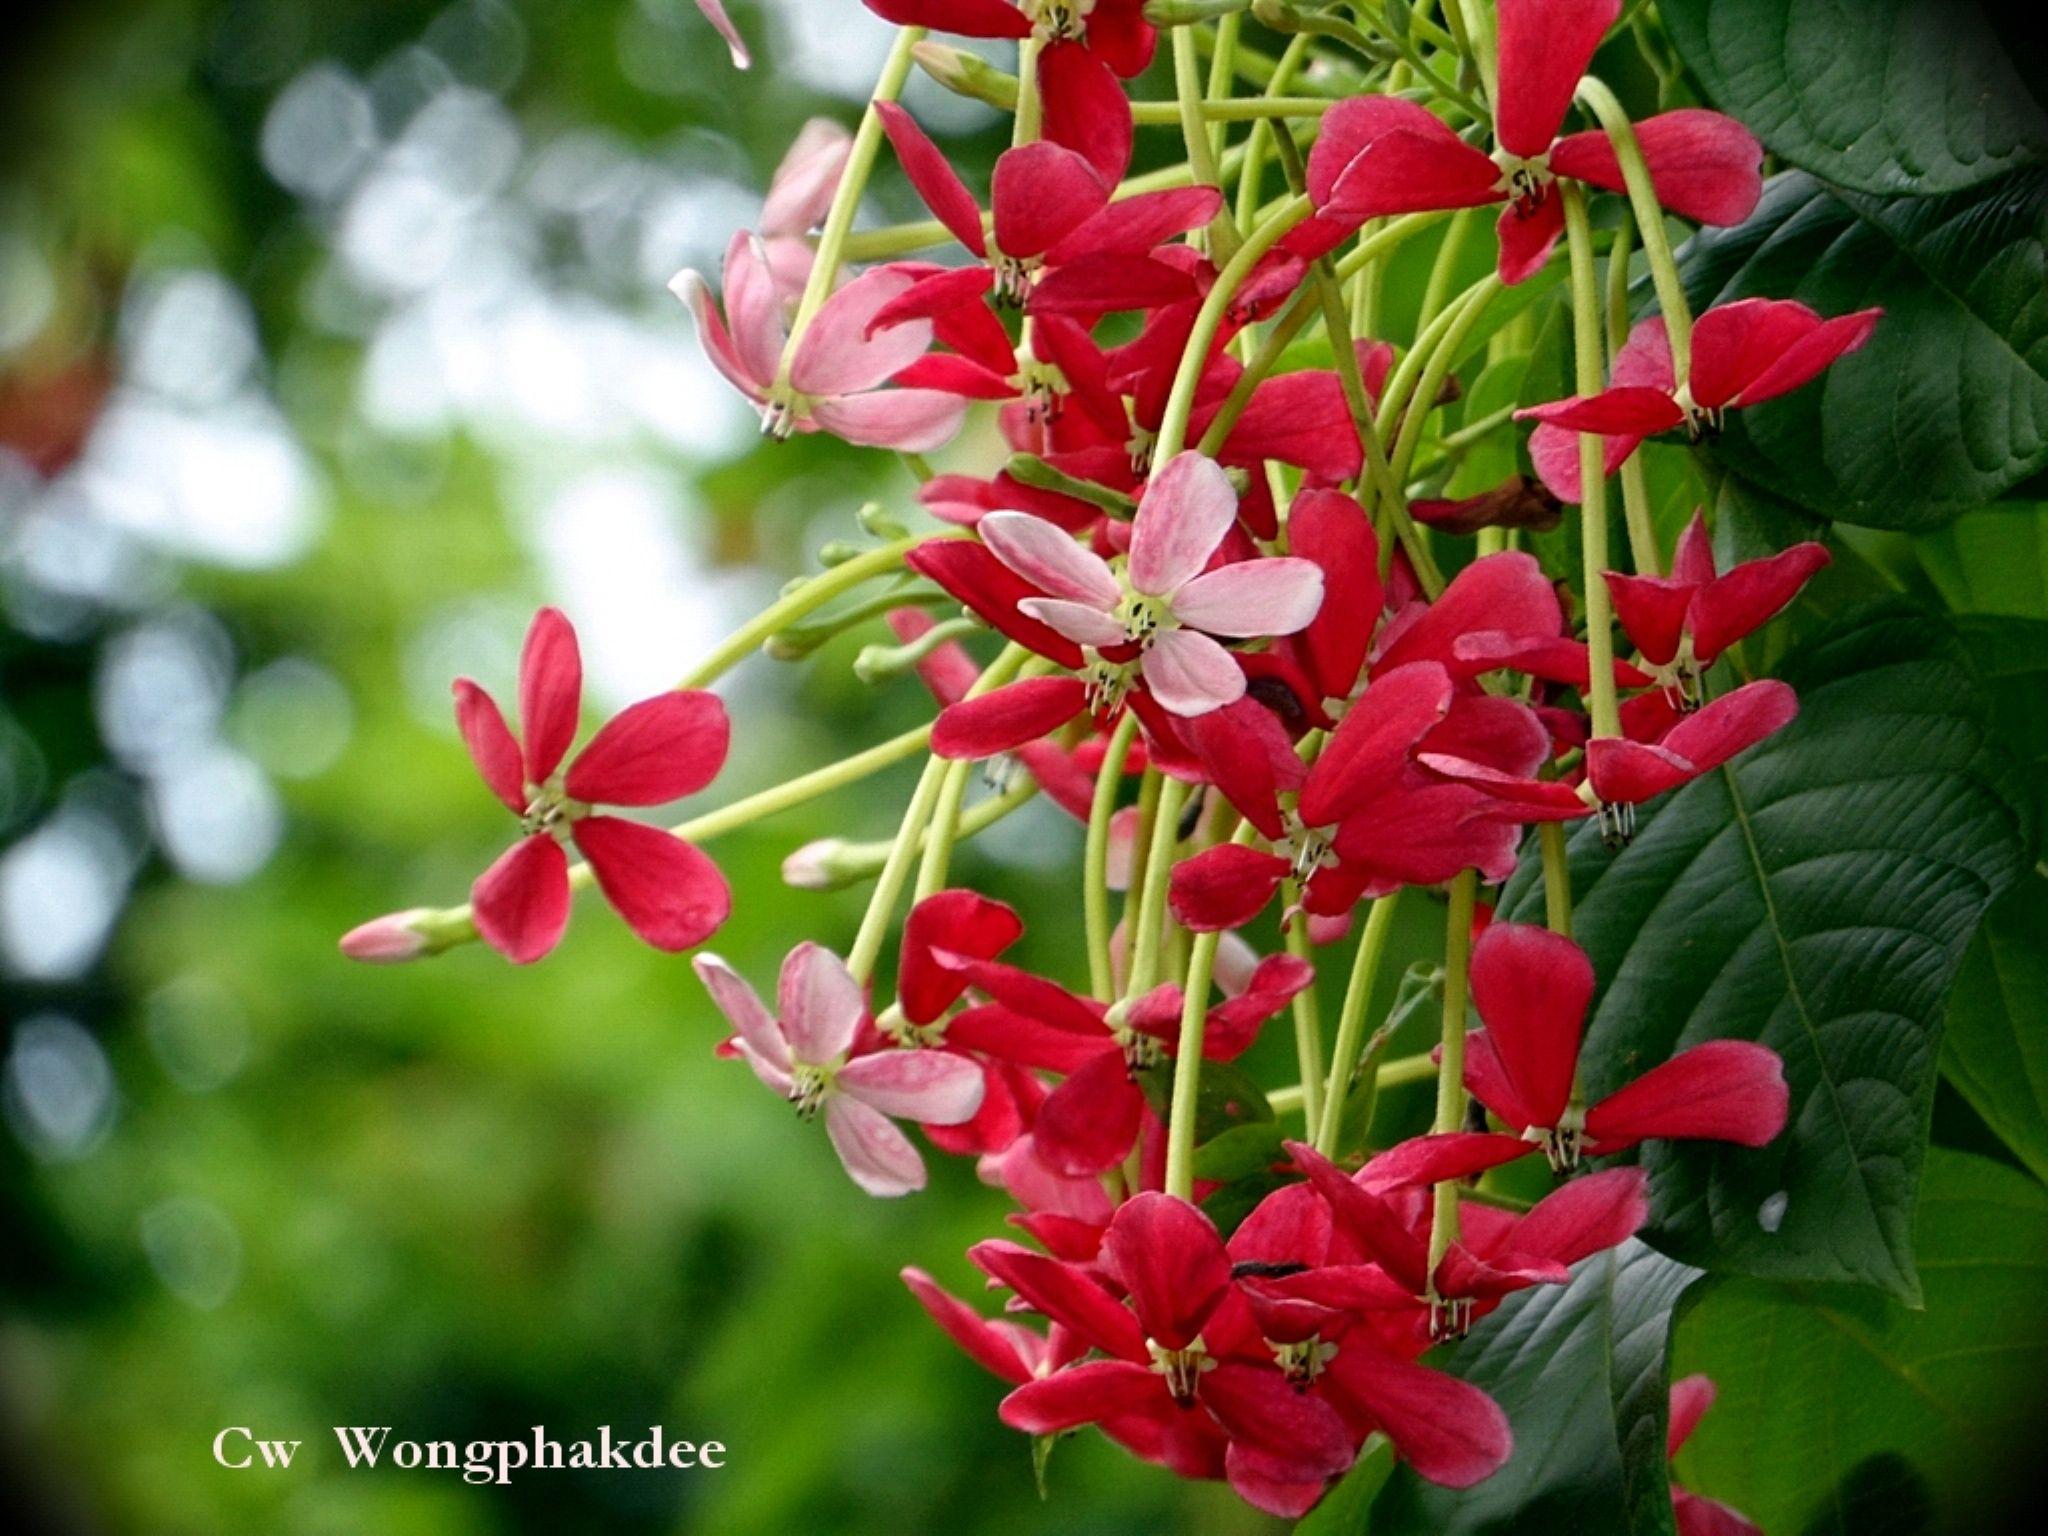 Dokmai by Wongphakdee